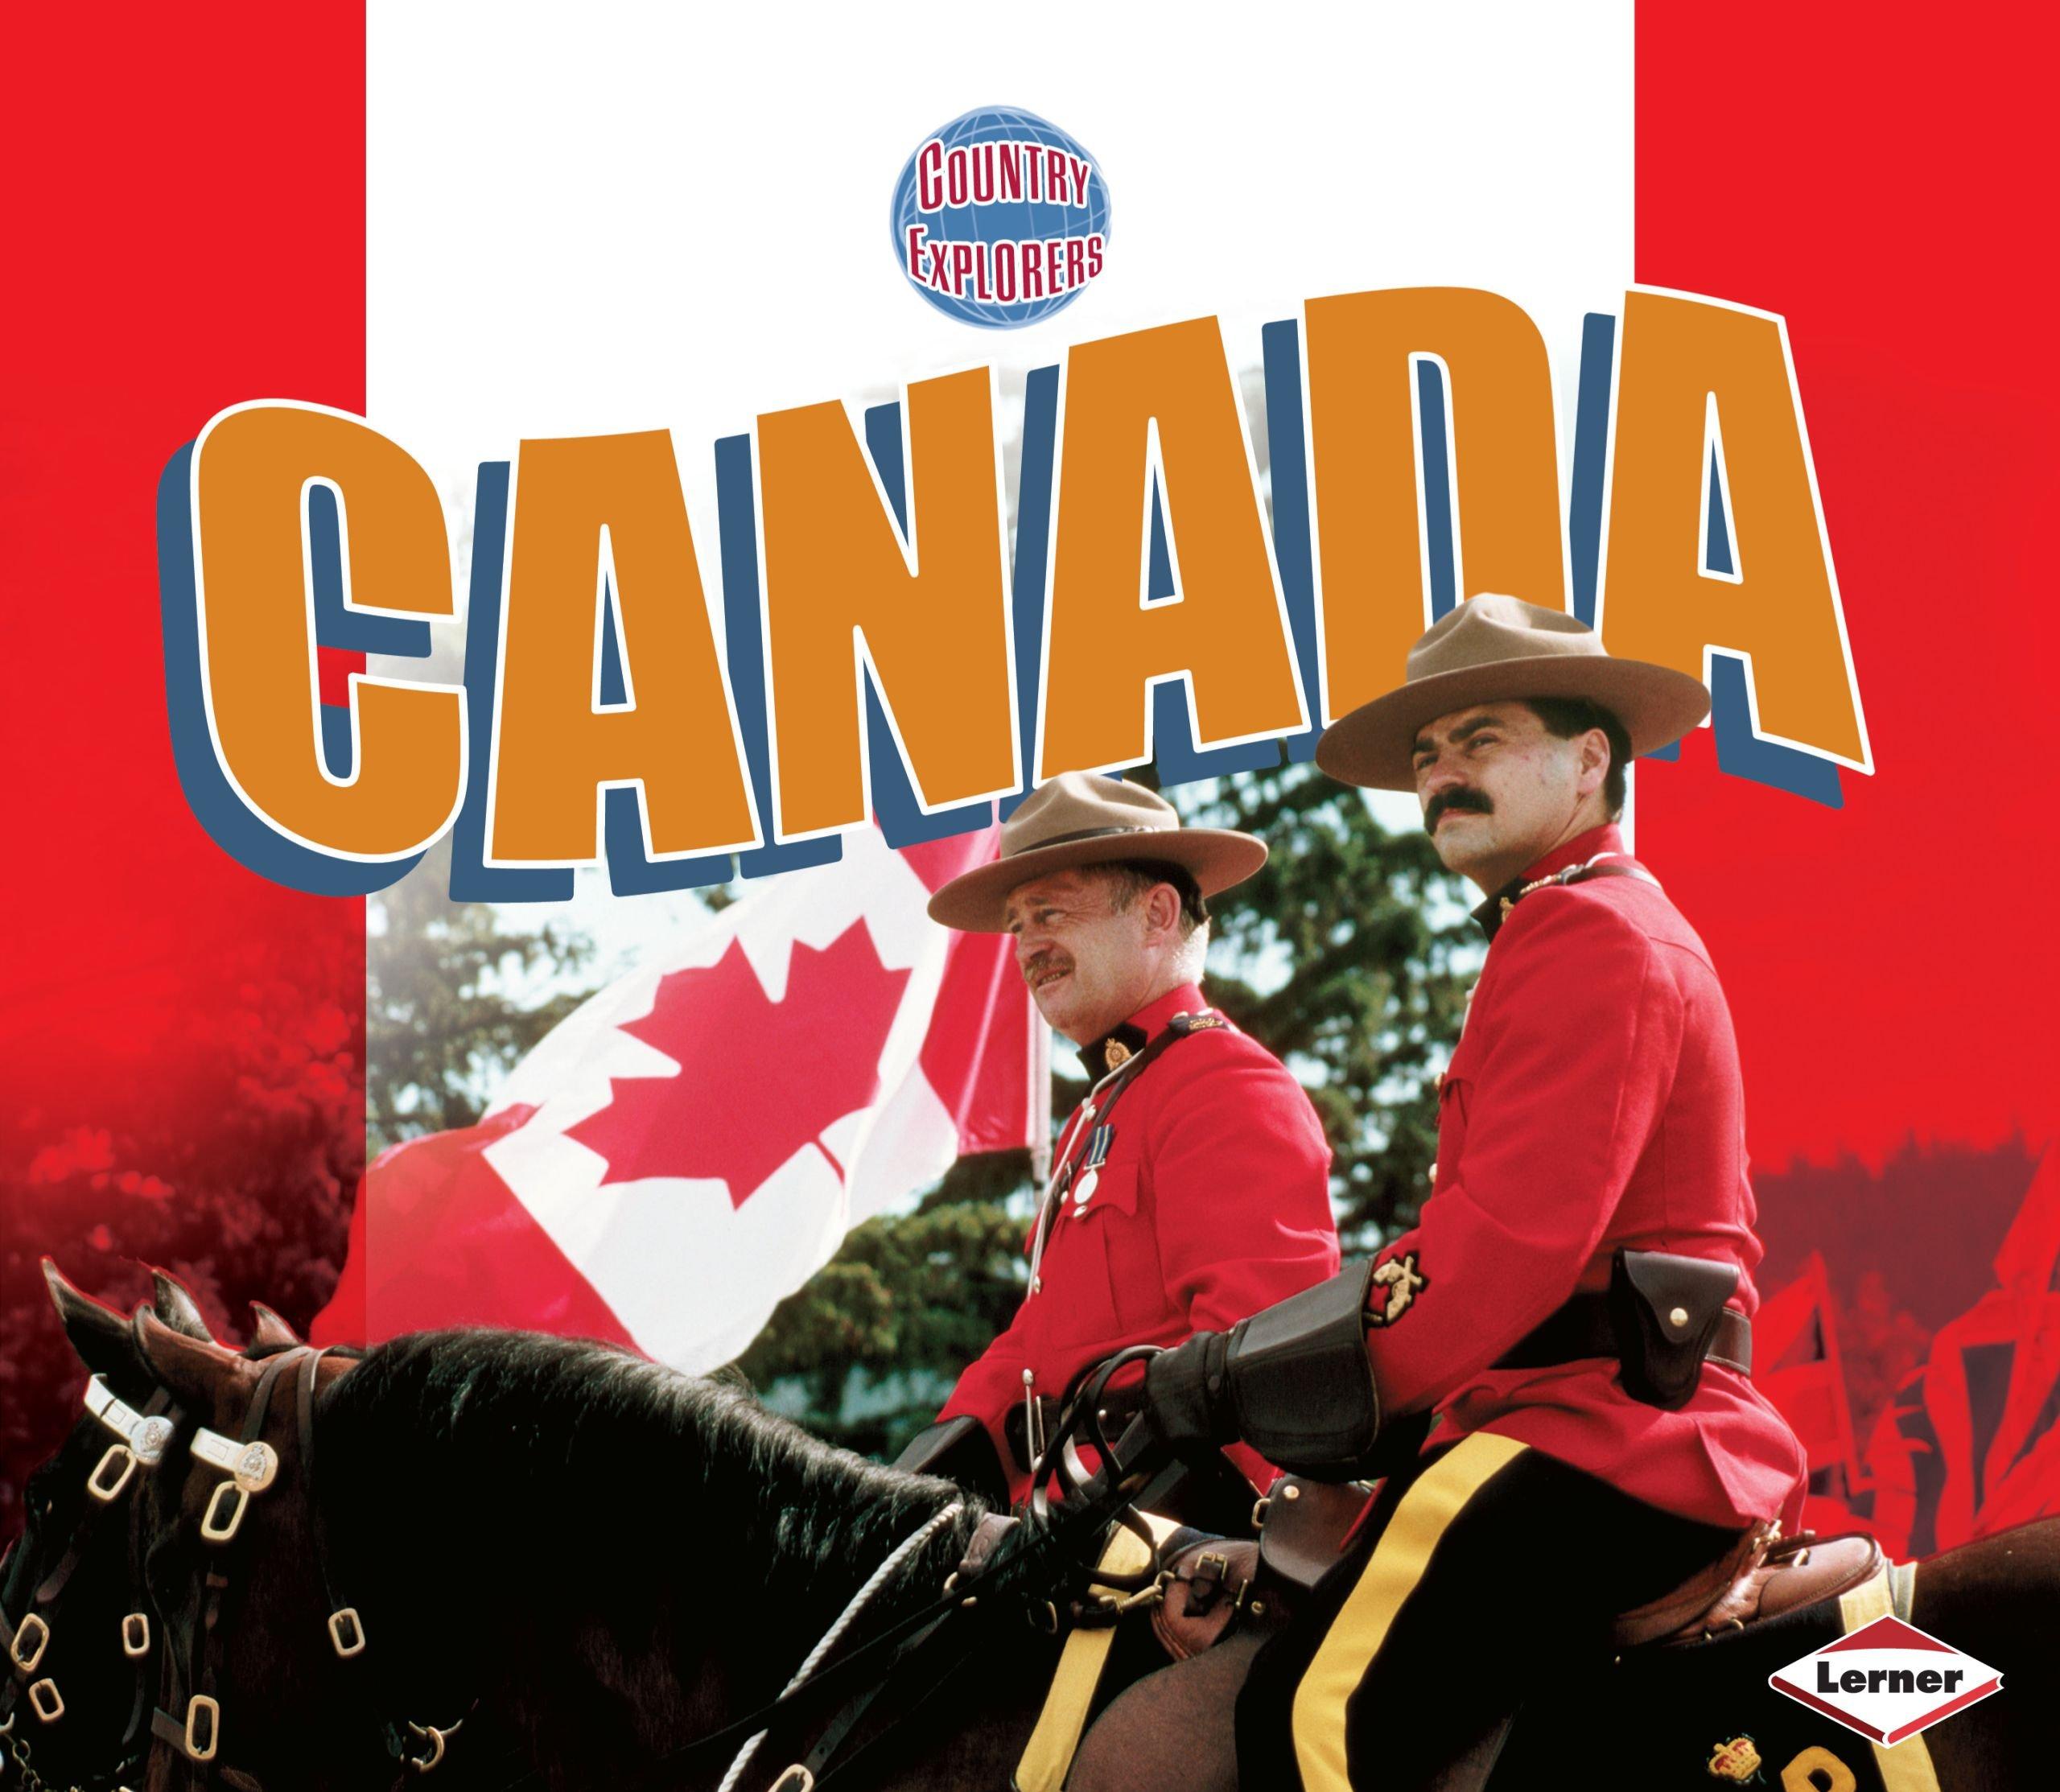 Canada (Country Explorers) PDF